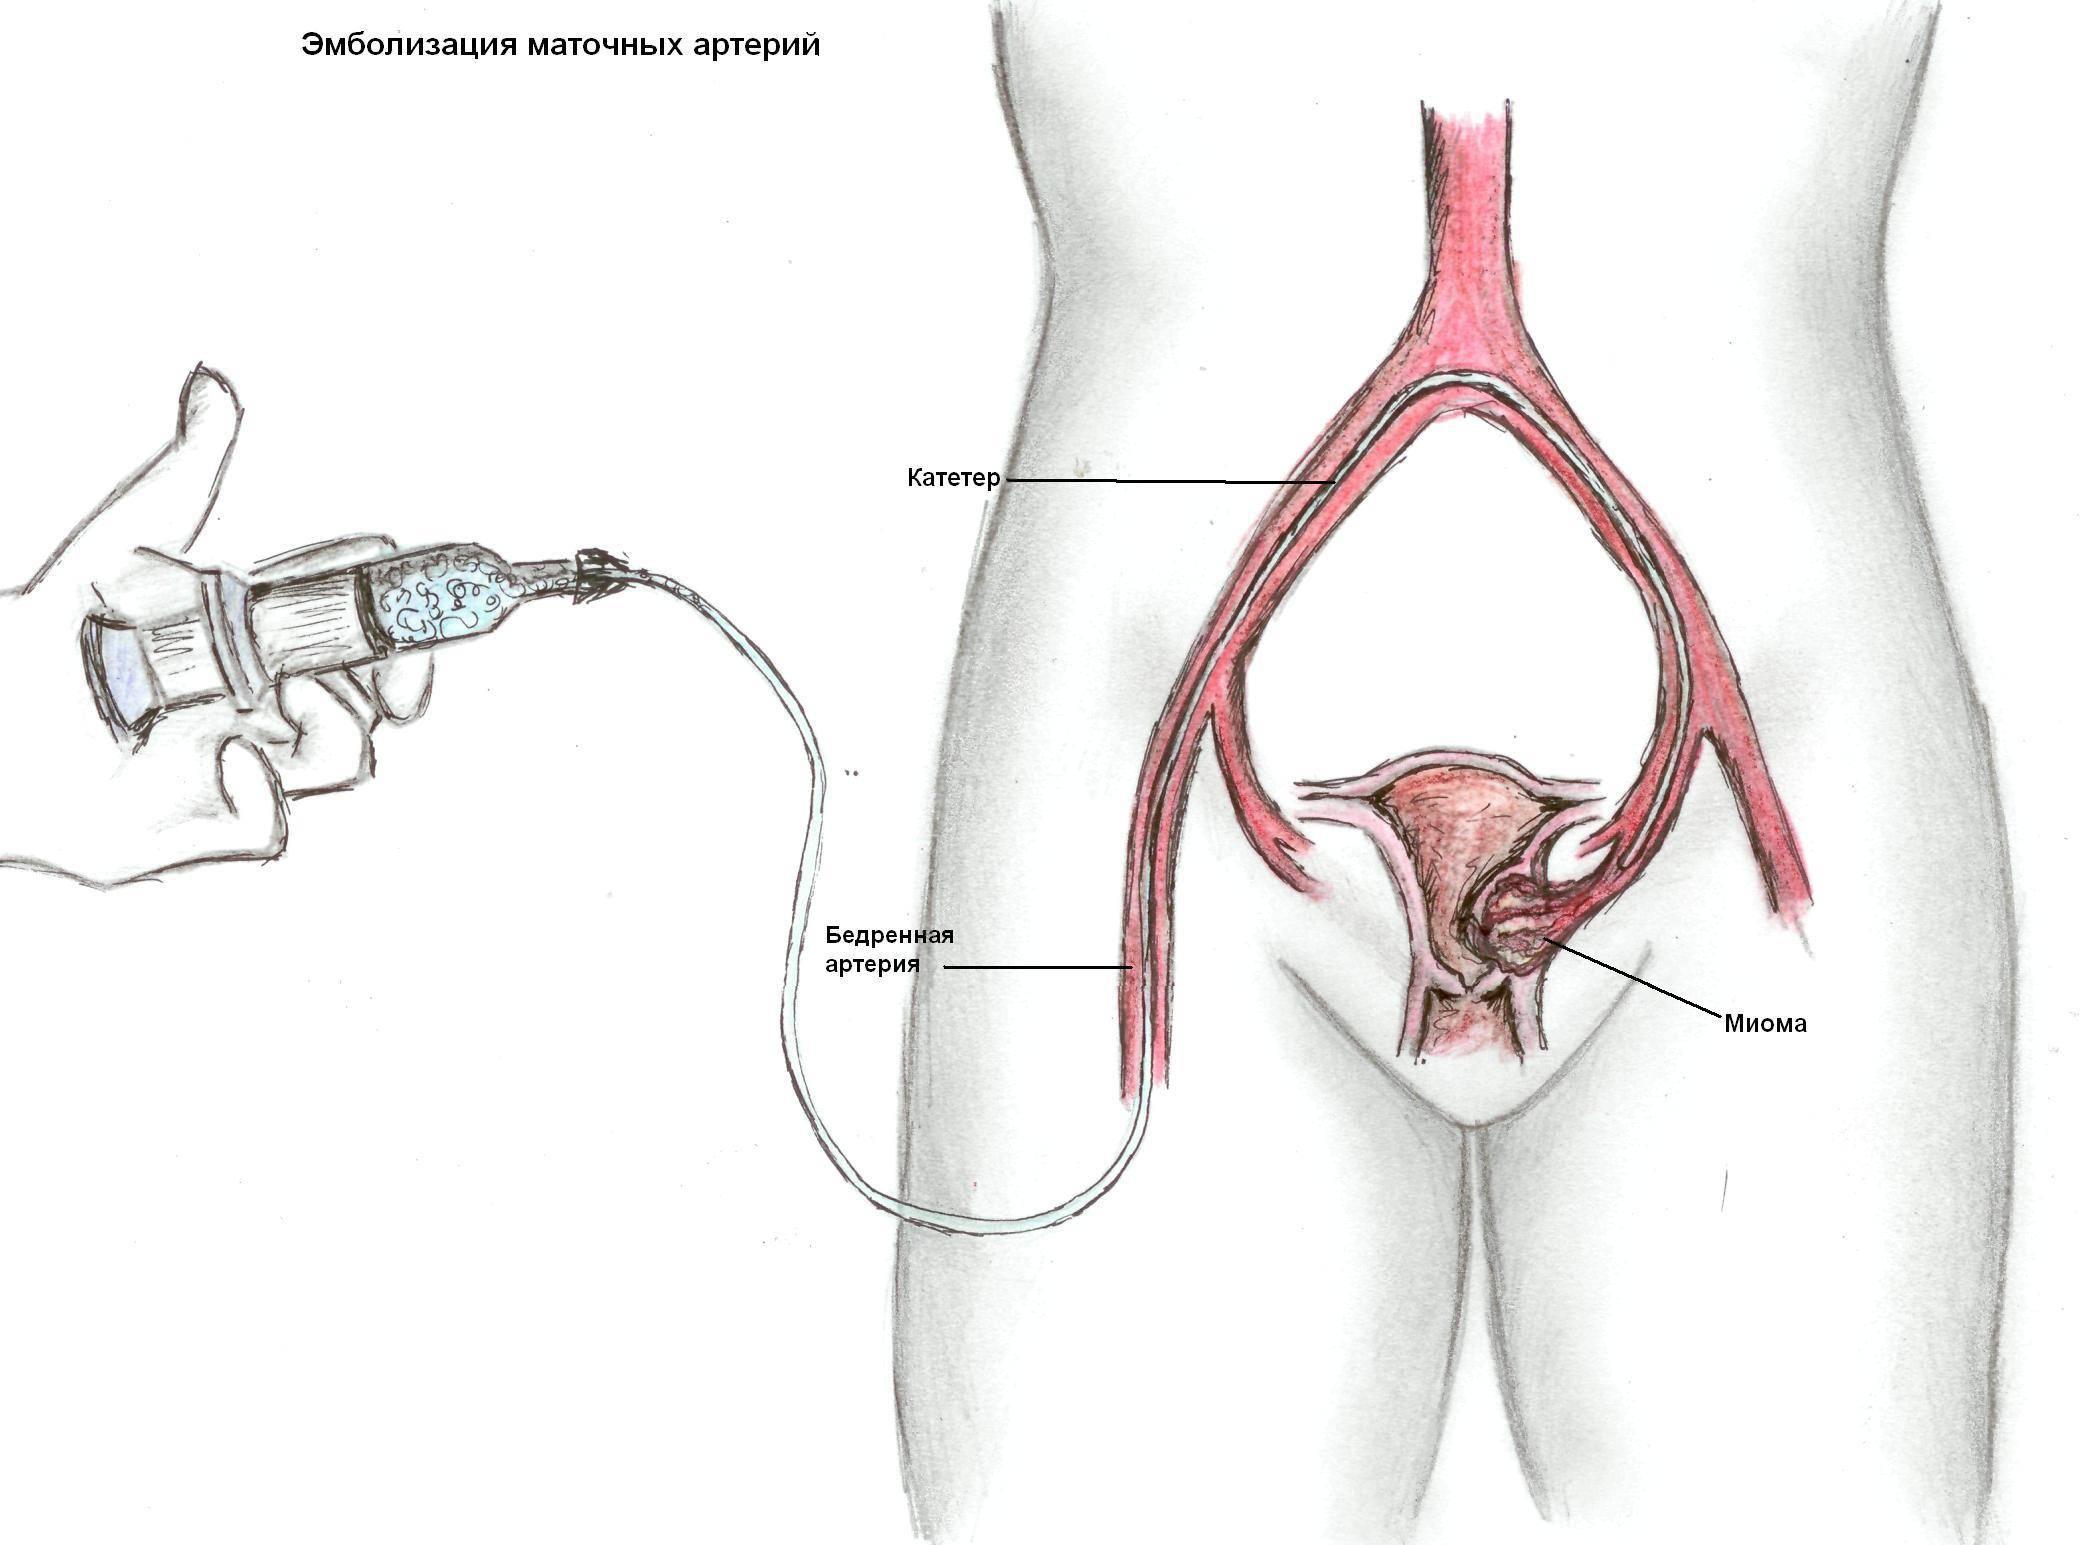 Эмболизация матки при миоме – этапы эма, результаты эмболизации маточных артерий и цена